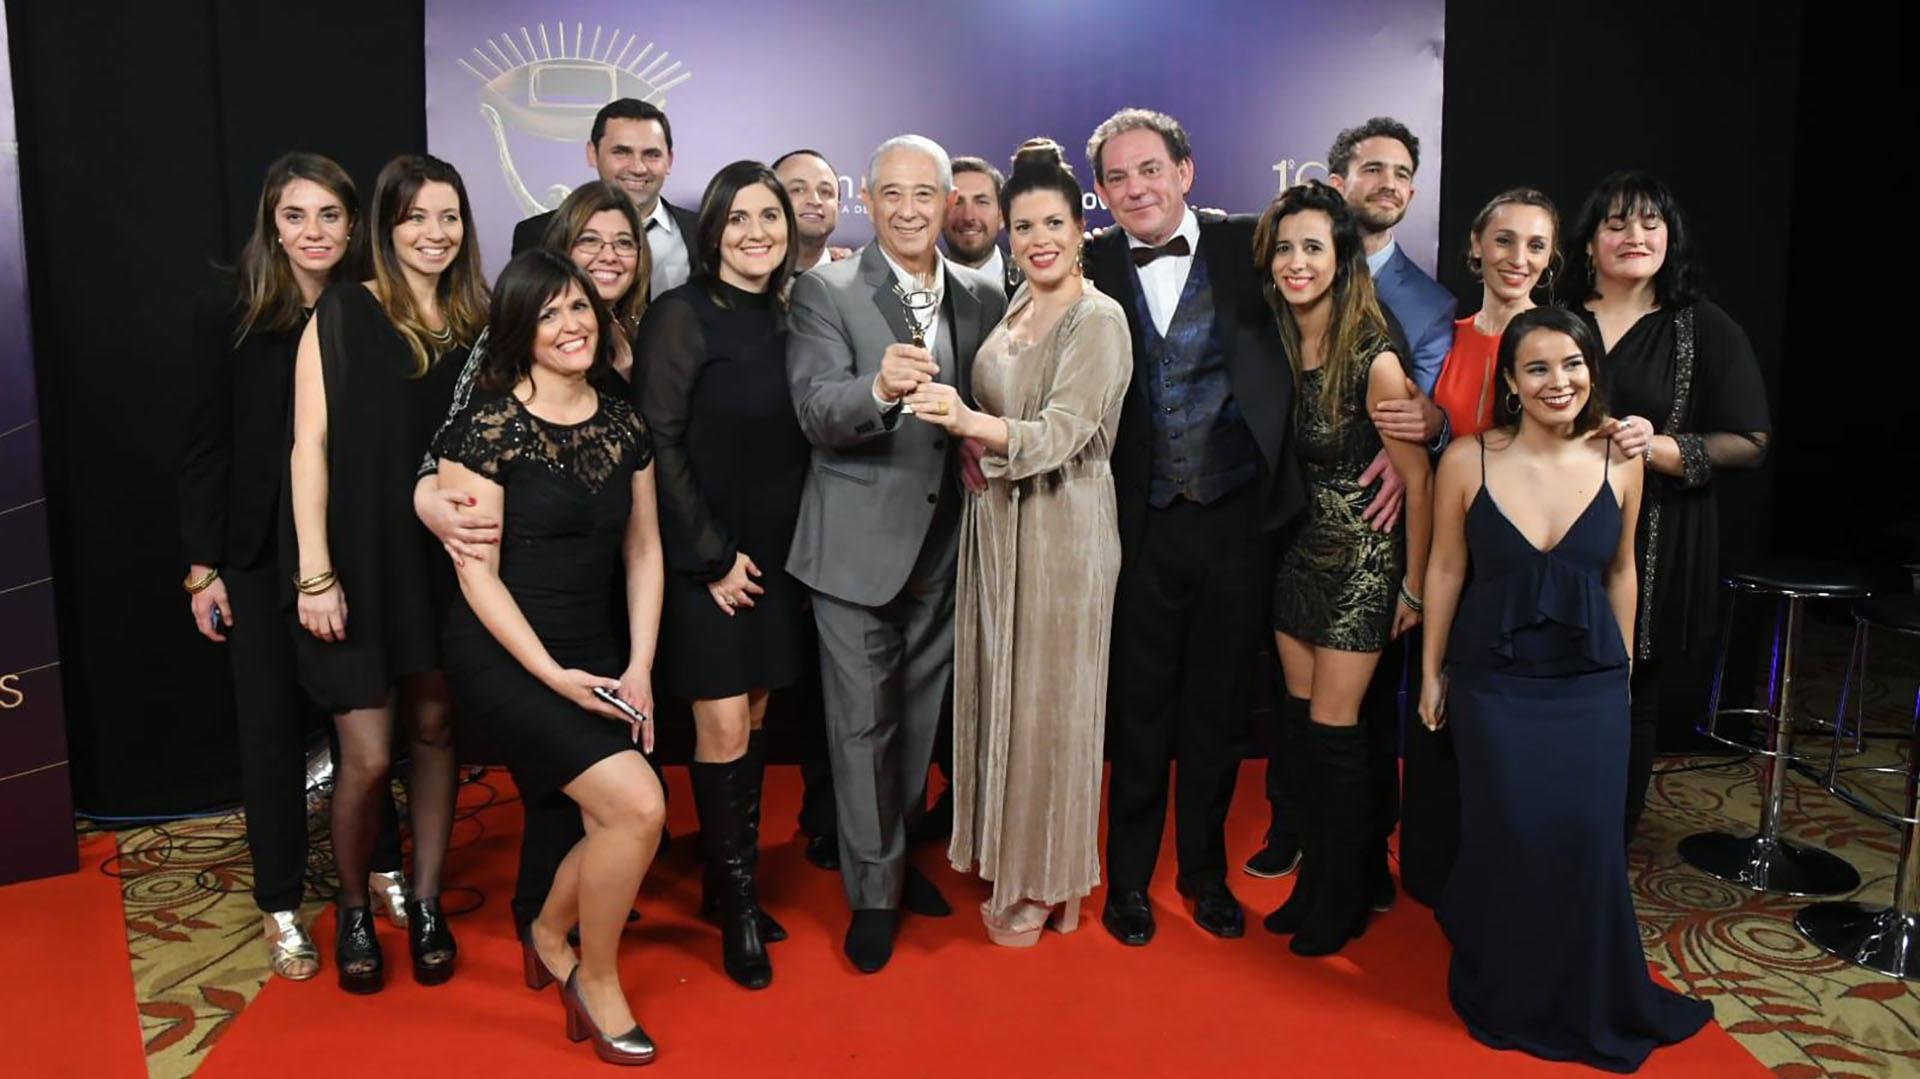 El equipo de Masterchef, Premio Iris de Oro